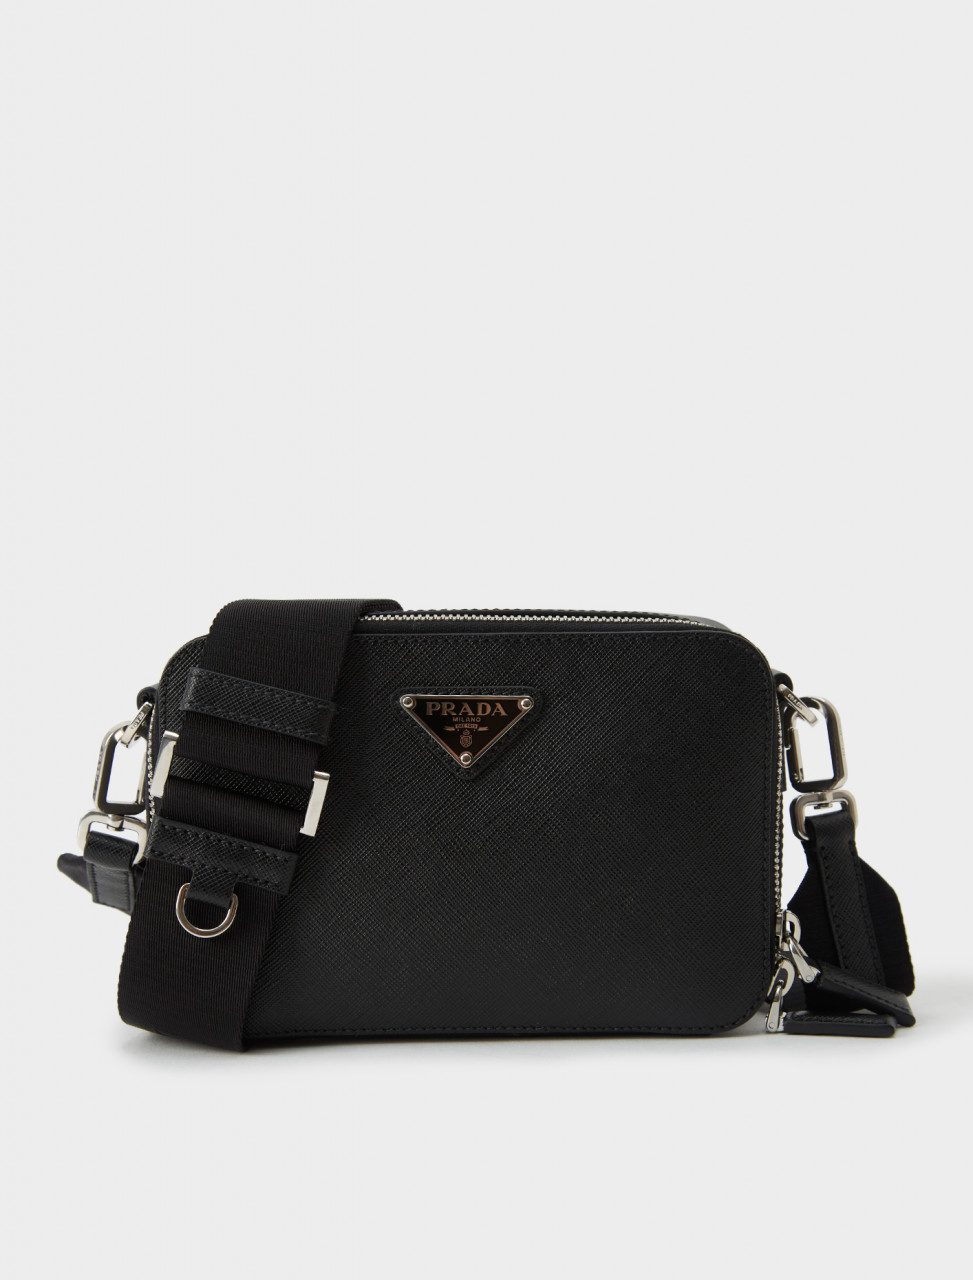 2VH070-9Z2-F0002 Prada Black Saffiano Leather Cross-Body Brique Bag